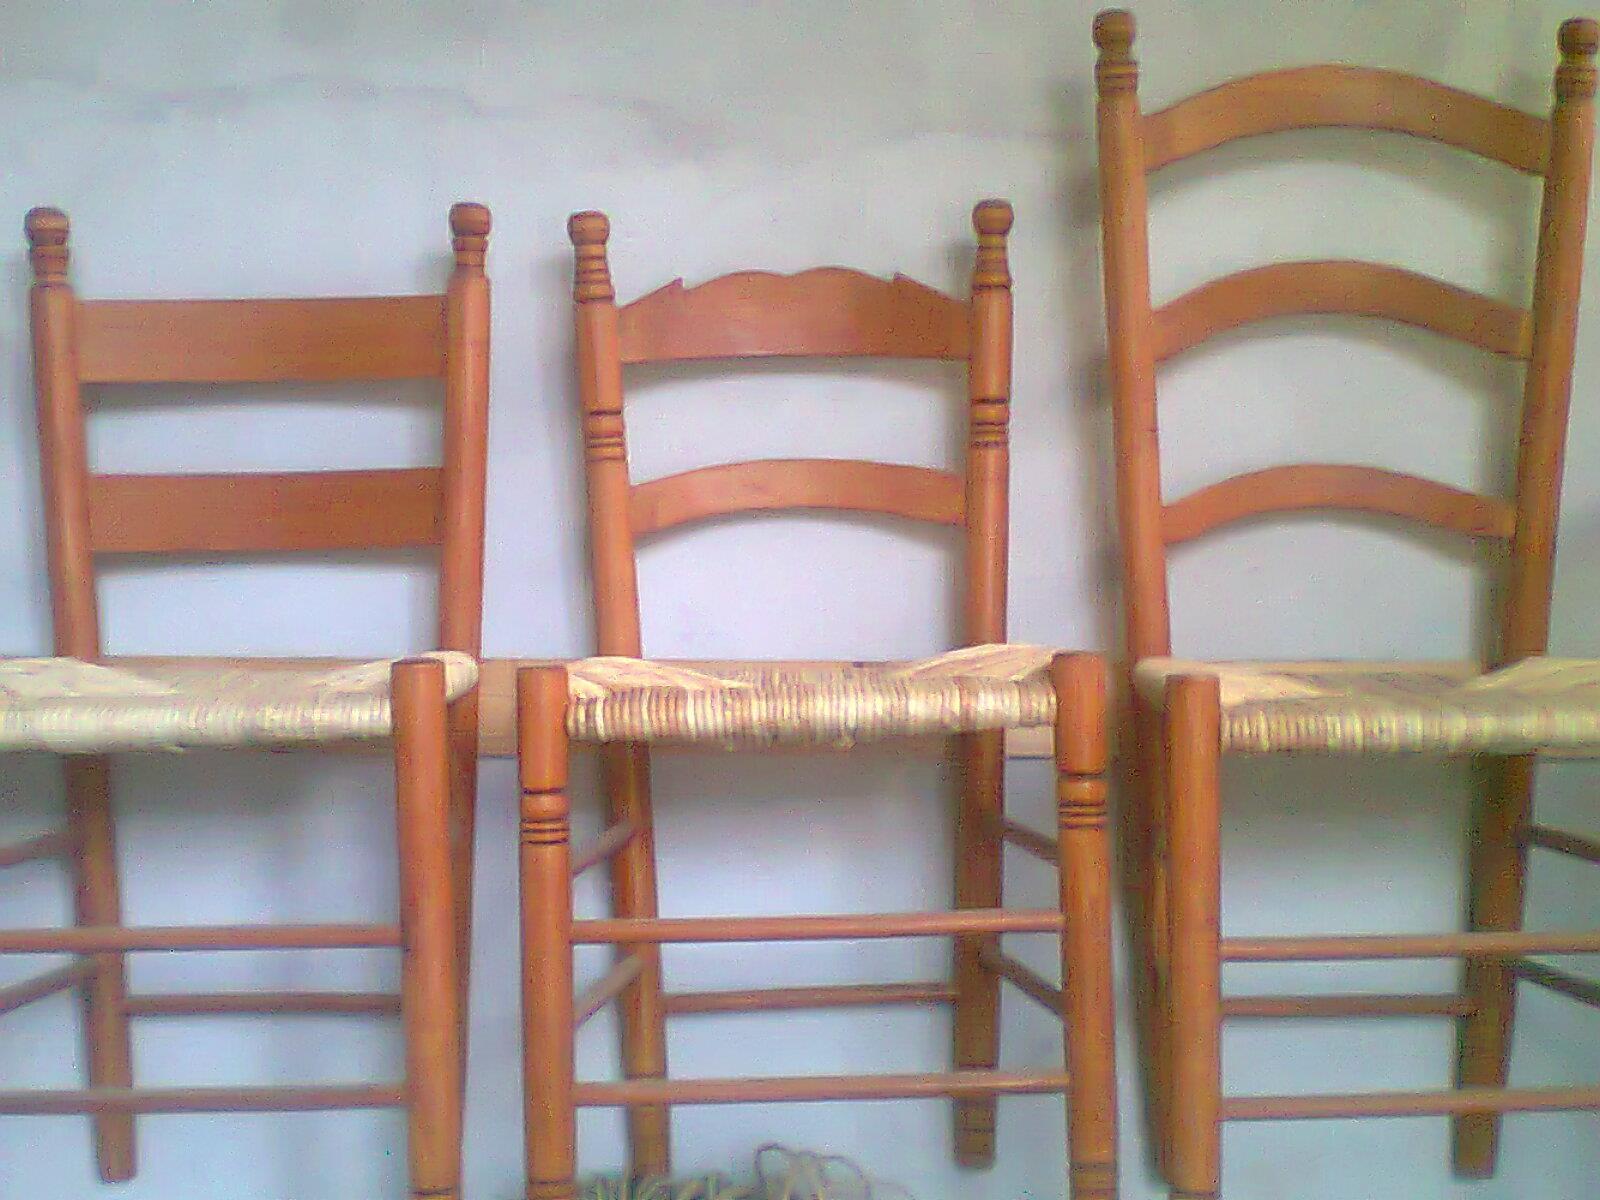 La sedia impagliata di cori artigianato lazio artigianato italiano